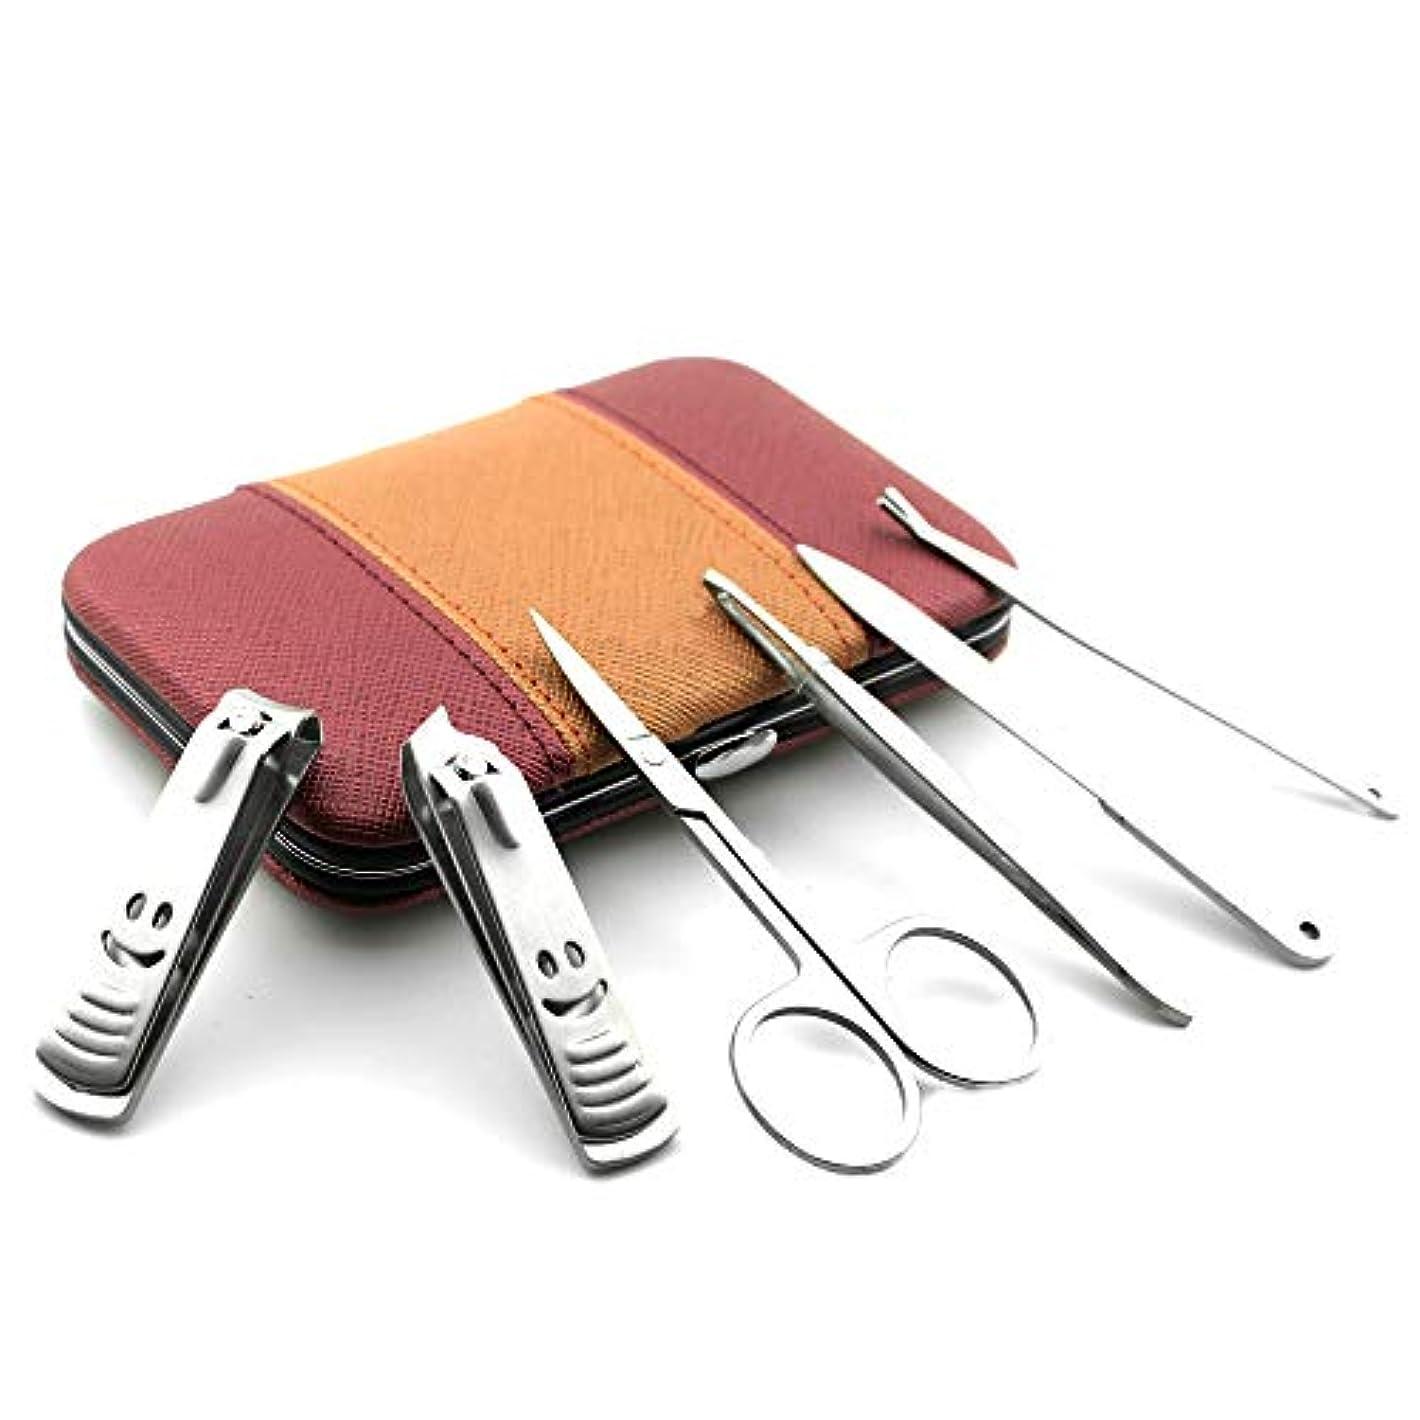 機構動詞増強爪切りセット多機能 美容セット携帯便利男女兼用 爪切りセット、6点セット